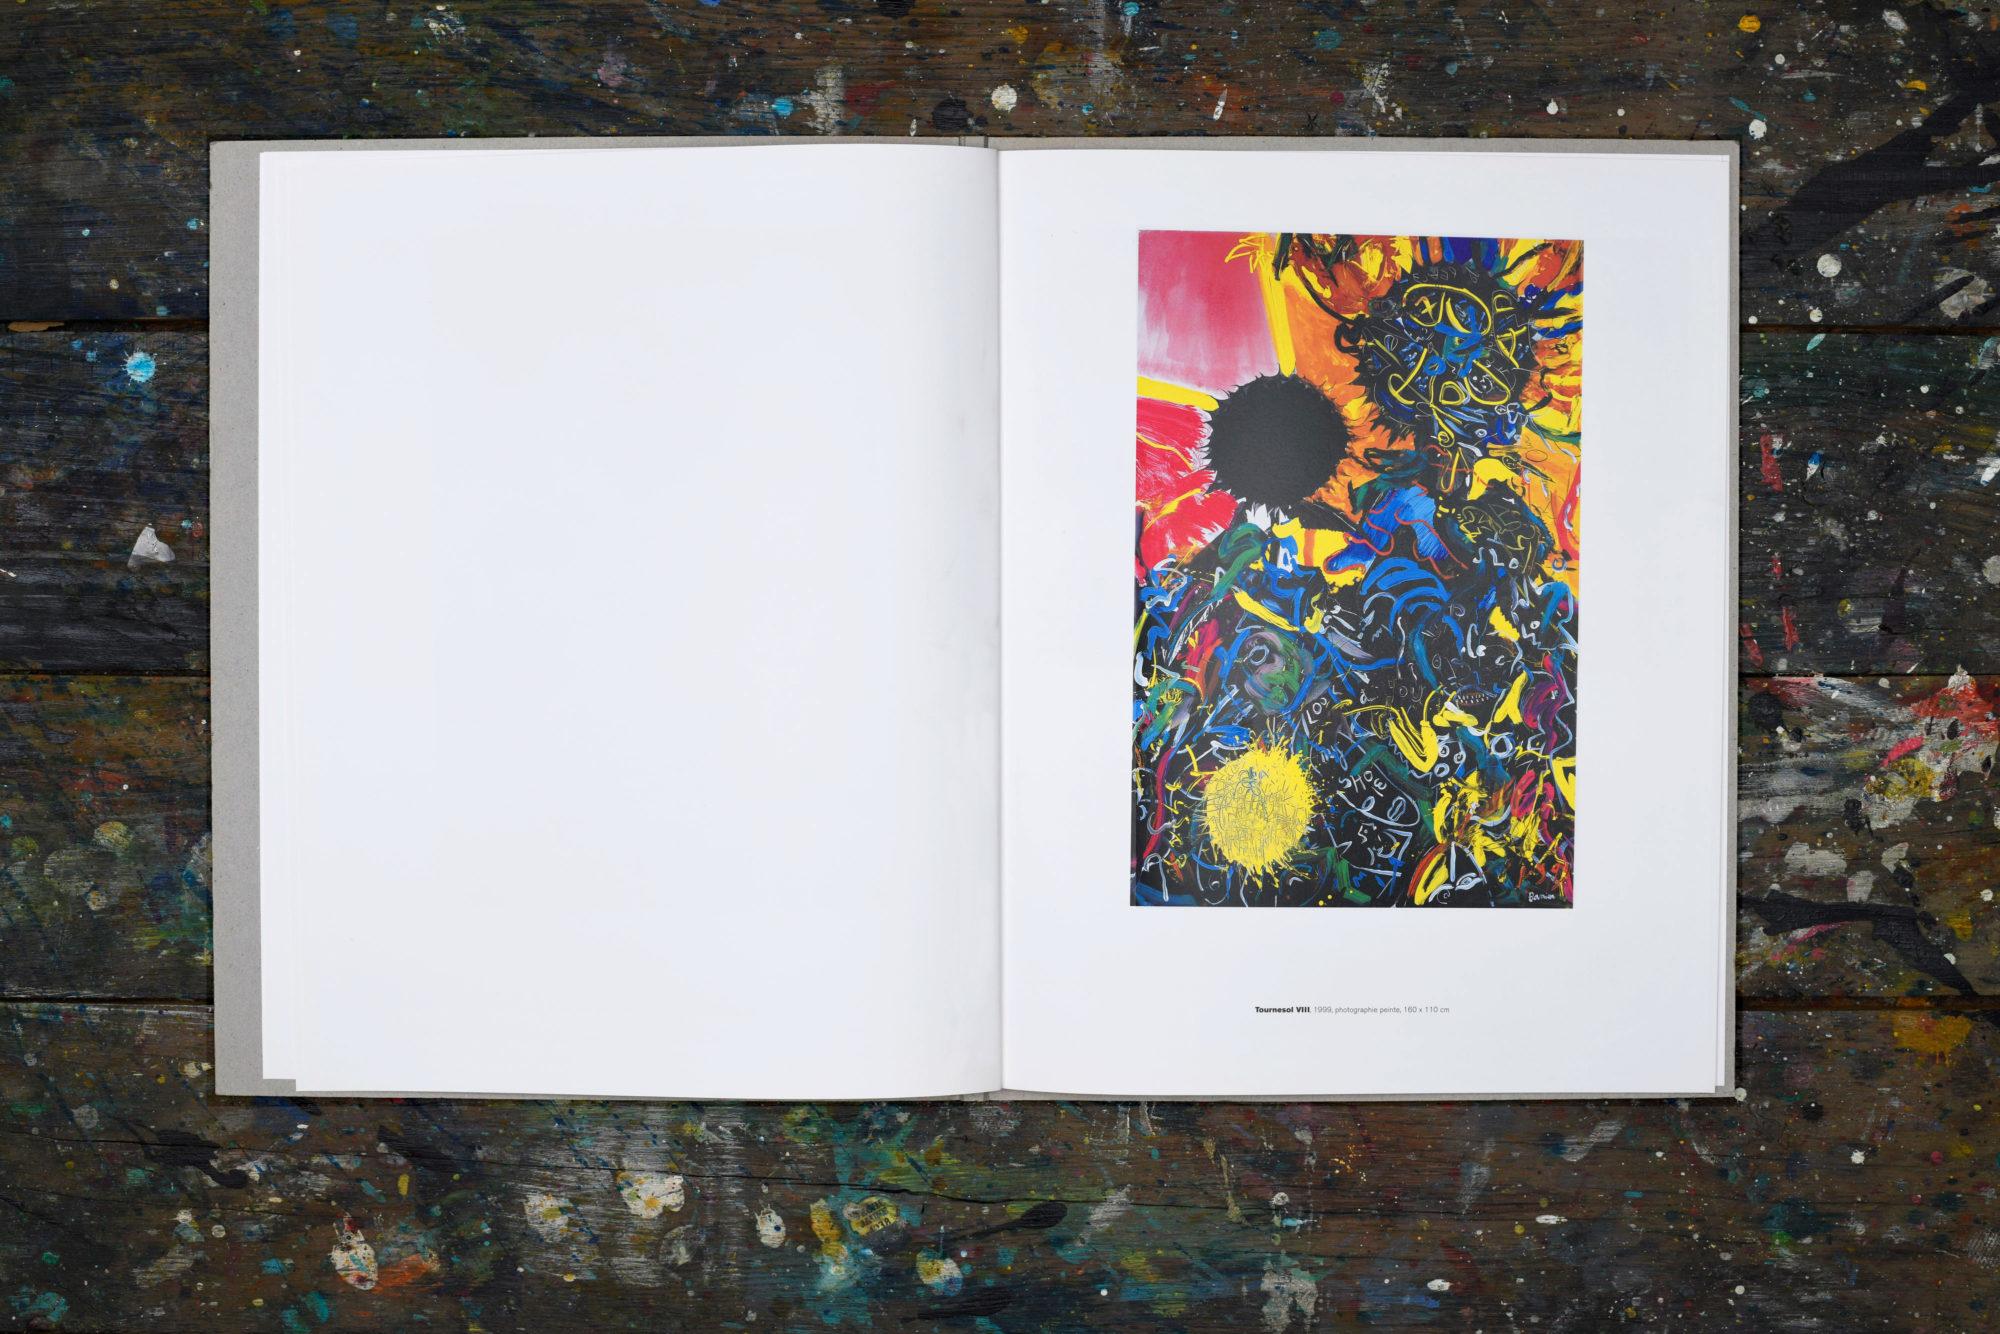 Couleur, signe, écriture : les habitants des images - François-Marie Banier